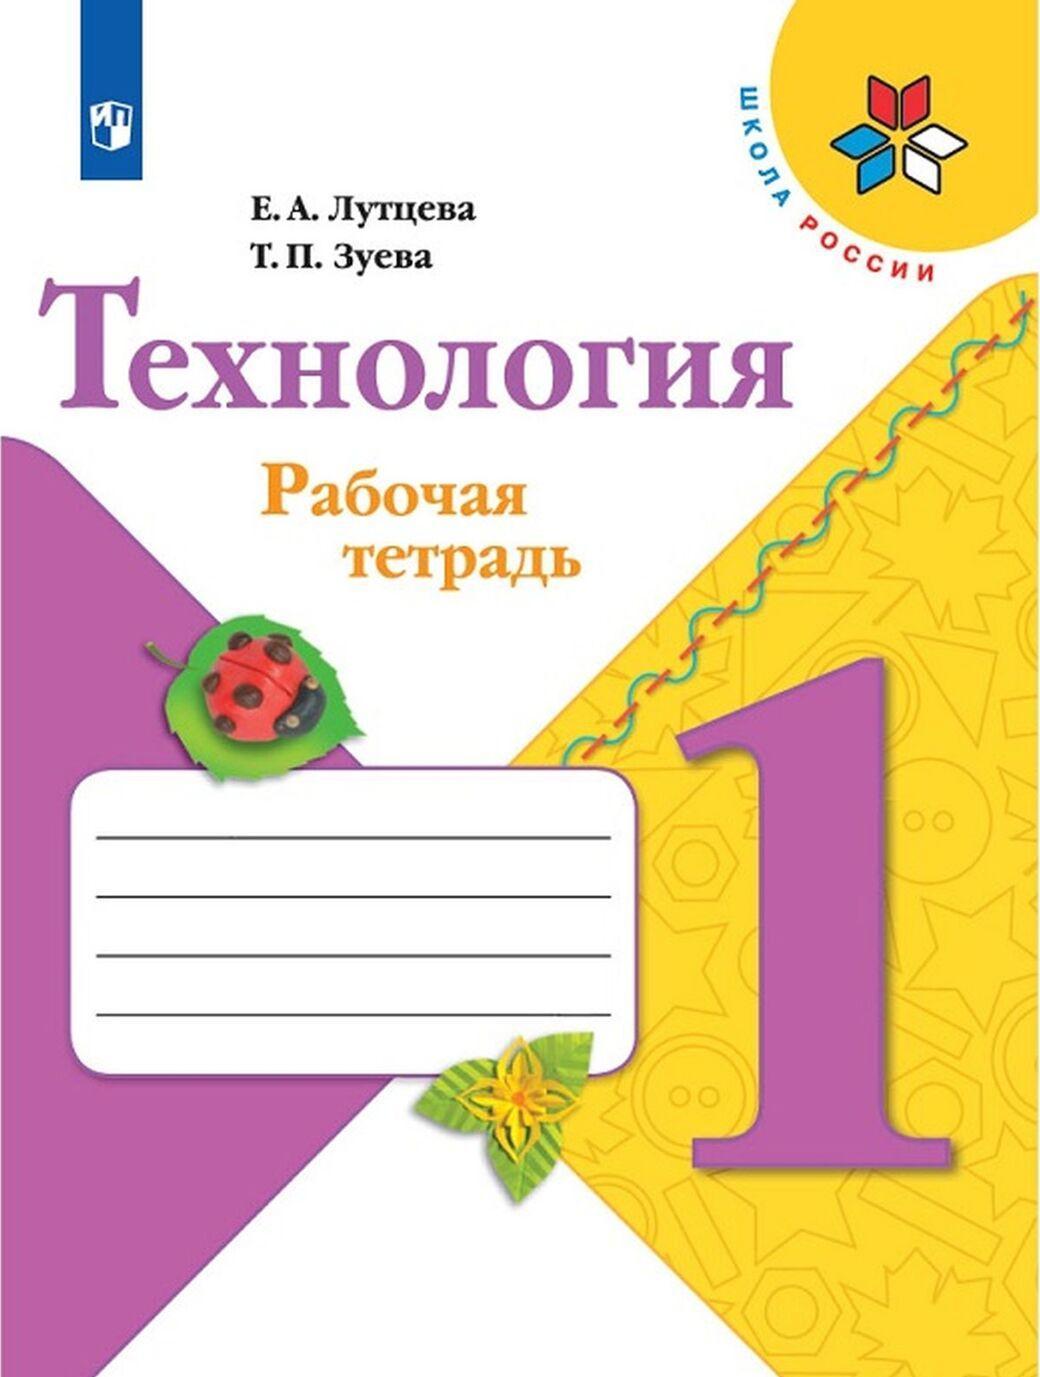 Tekhnologija. Rabochaja tetrad. 1 klass. Uchebnoe posobie dlja obscheobrazovatelnykh organizatsij. (Shkola Rossii)